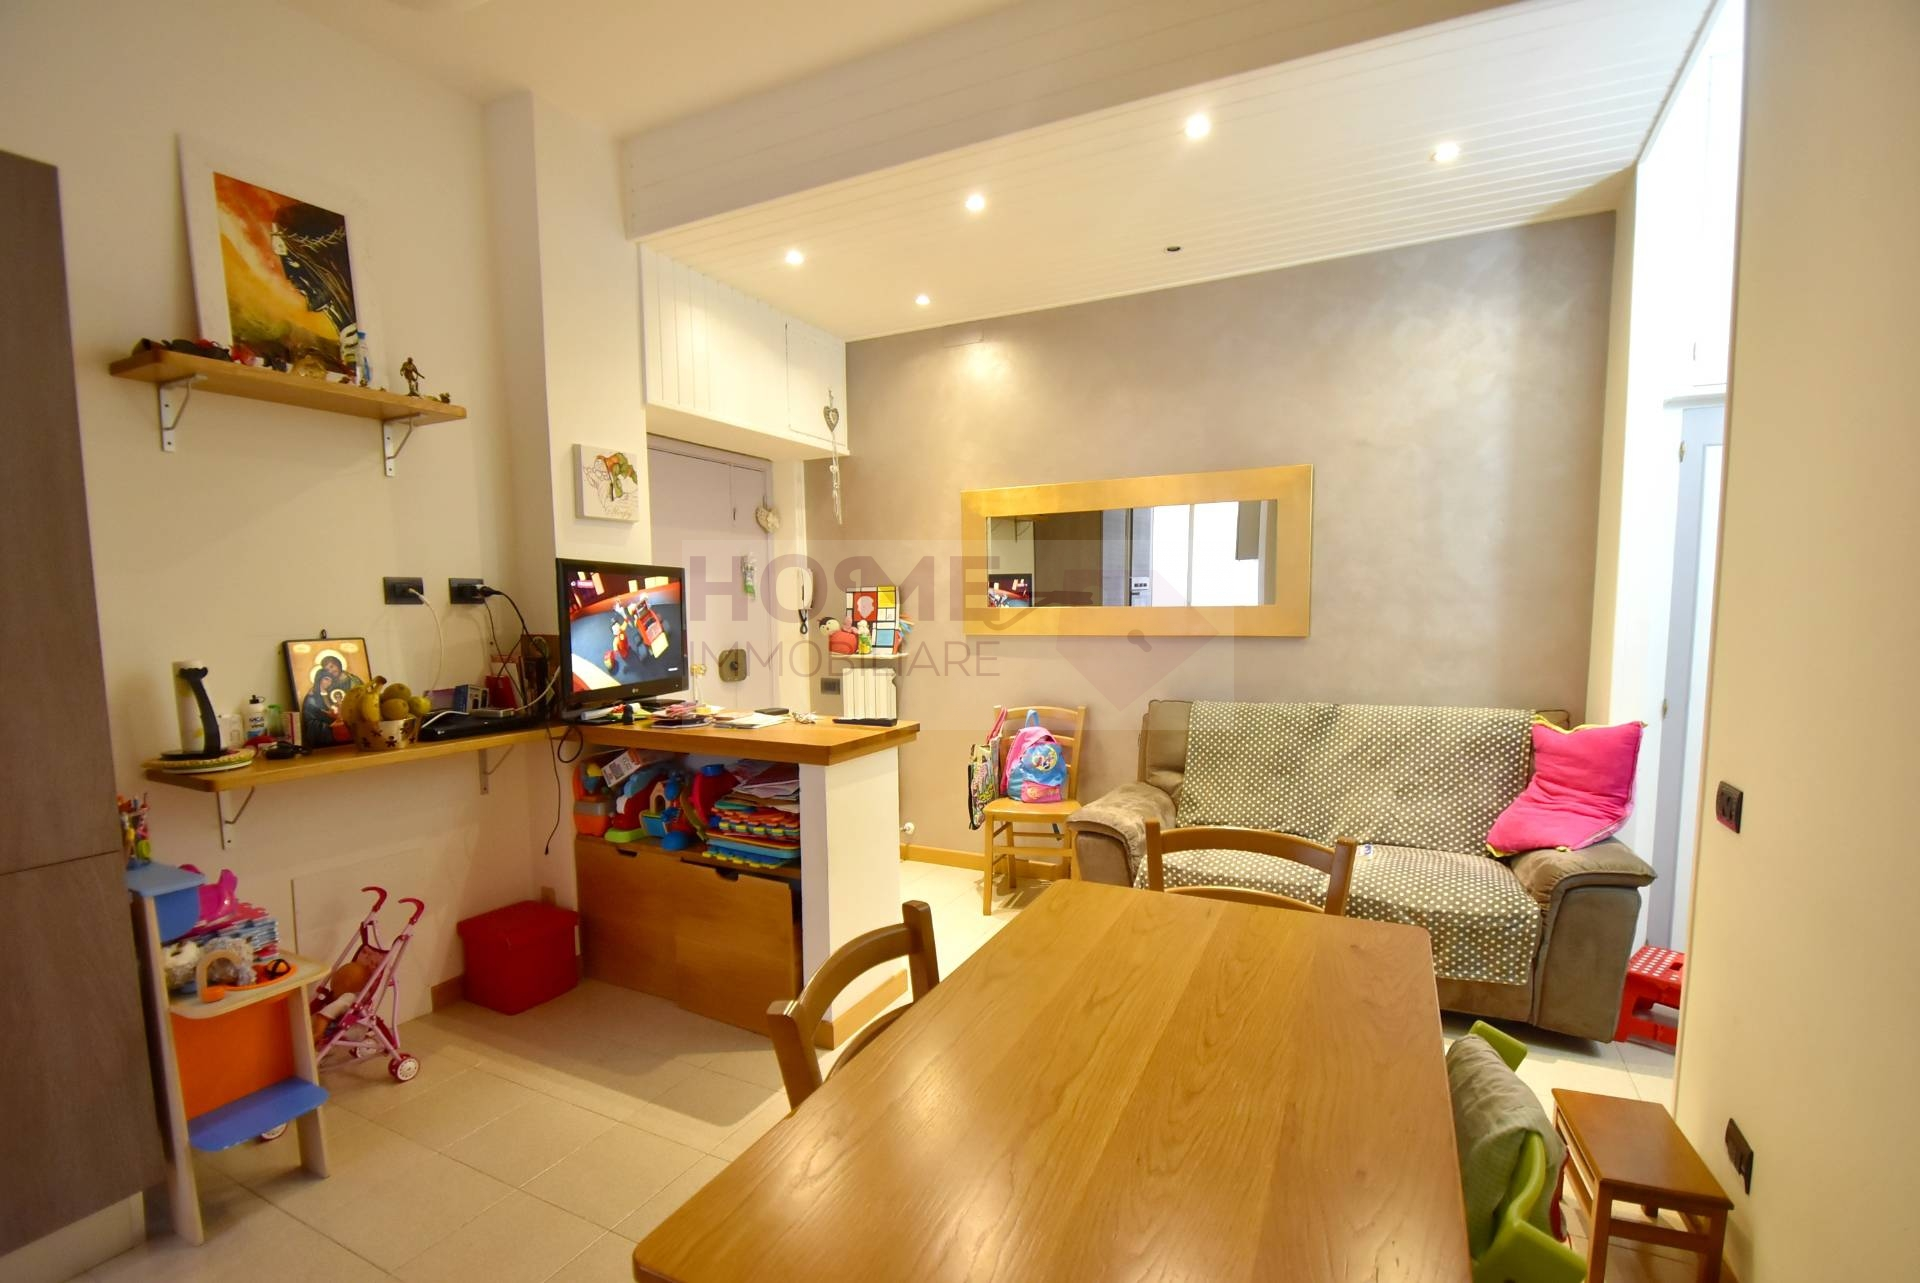 Appartamento in vendita a Macerata, 5 locali, zona Località: ZonaVergini, prezzo € 100.000 | CambioCasa.it